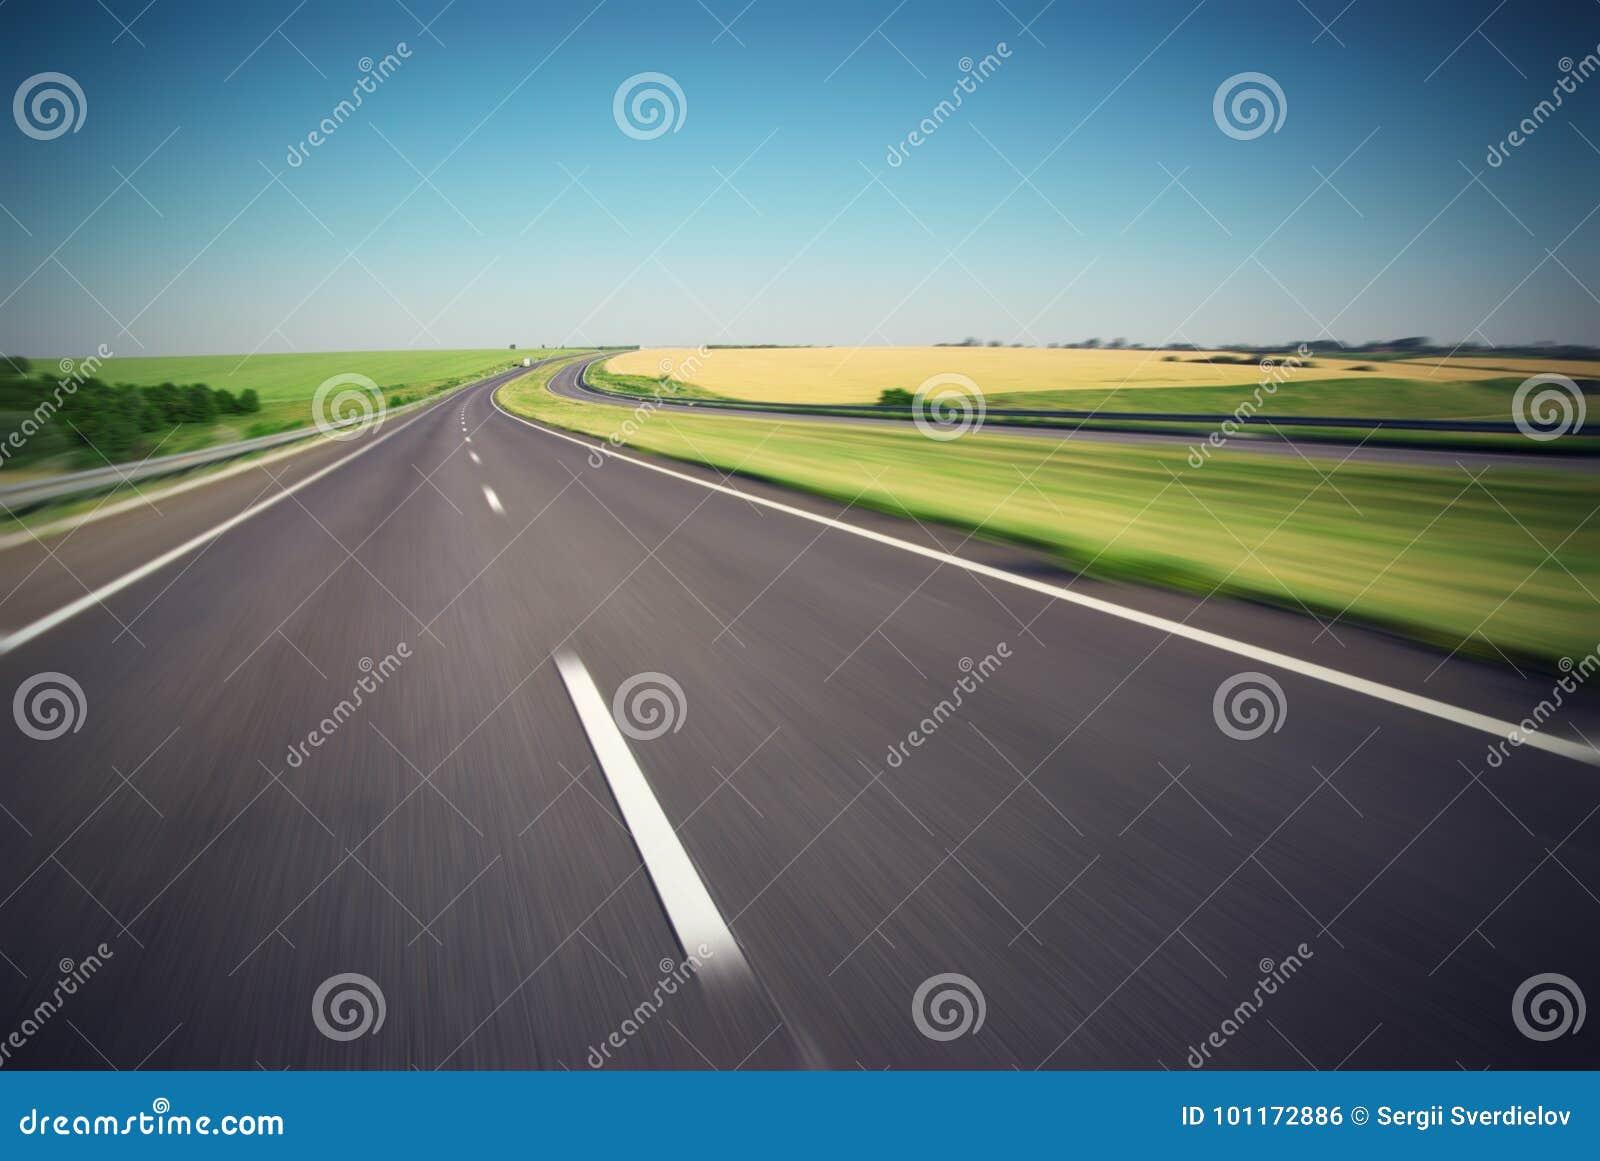 Bewegung verwischte leere Landstraße mit grüner Wiese auf Horizont